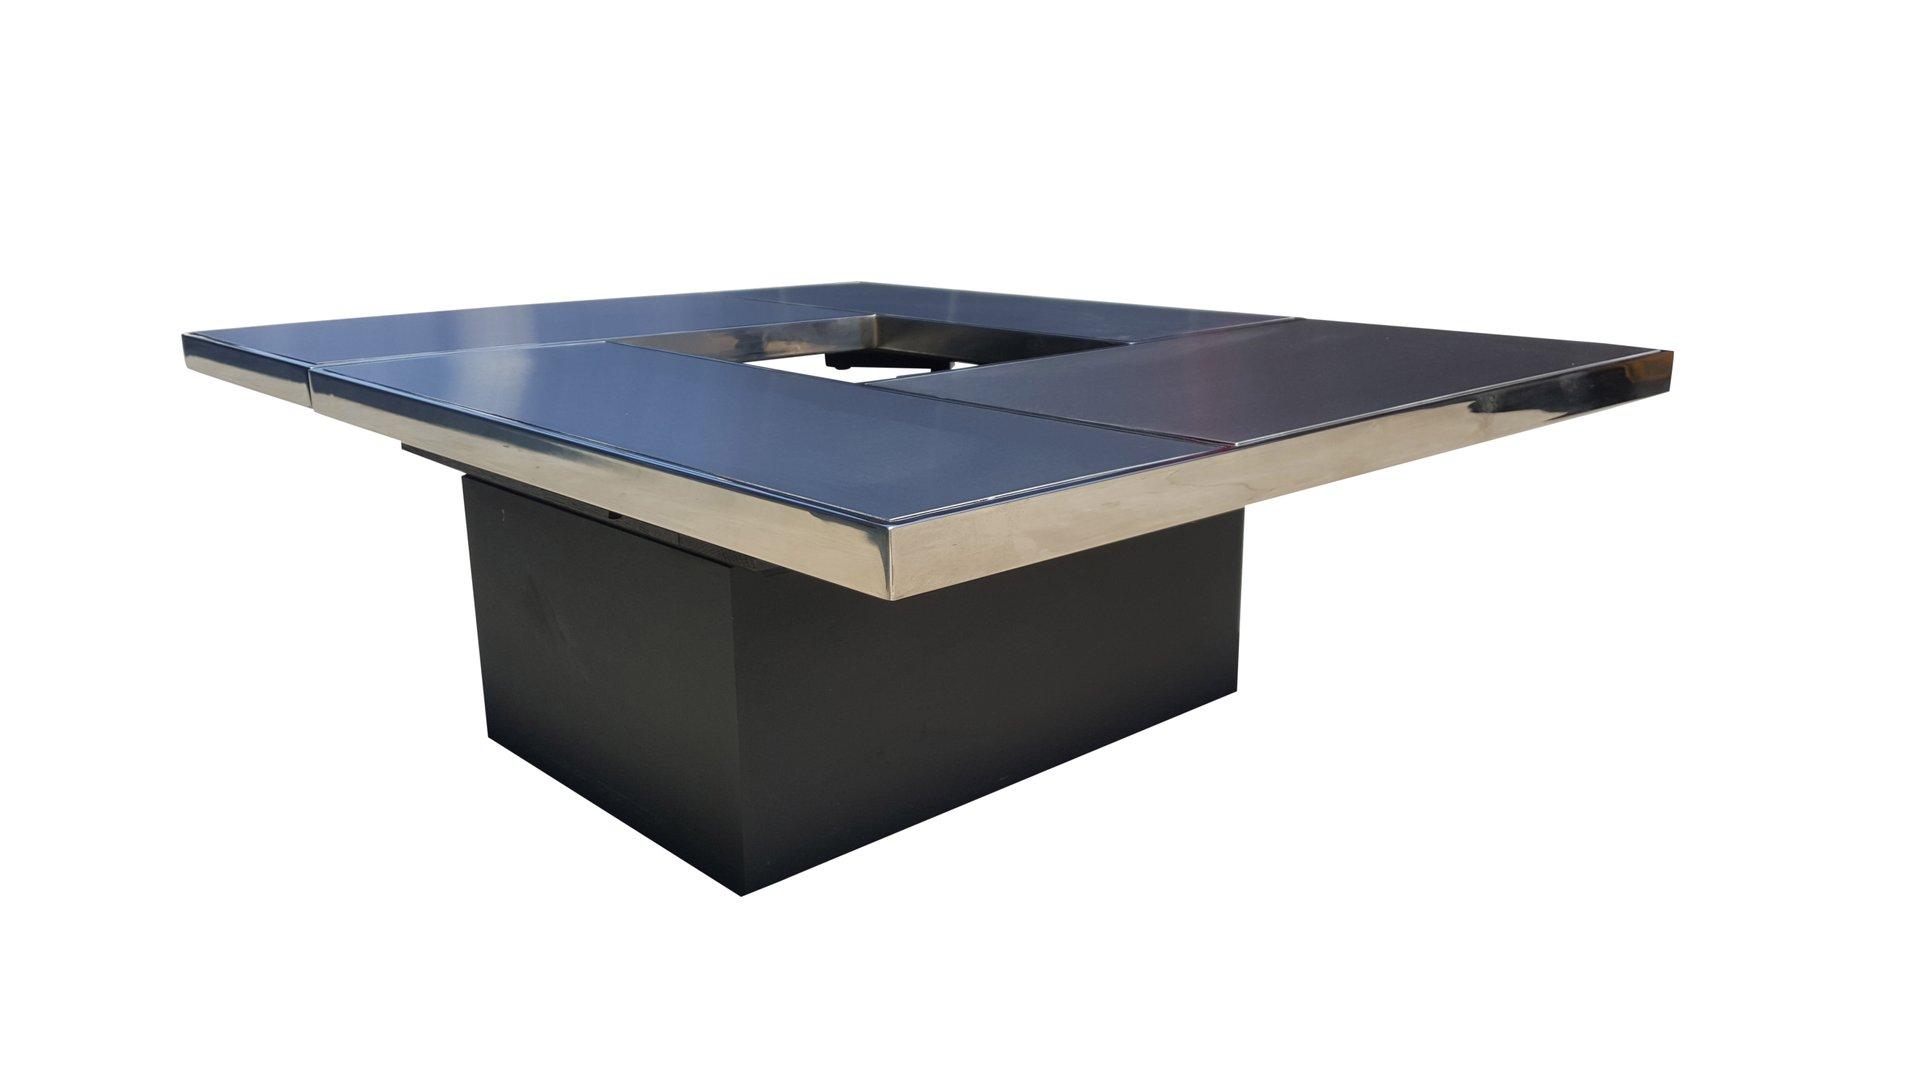 table basse coulissante avec bar cach de belgo chrom 1975 en vente sur pamono. Black Bedroom Furniture Sets. Home Design Ideas